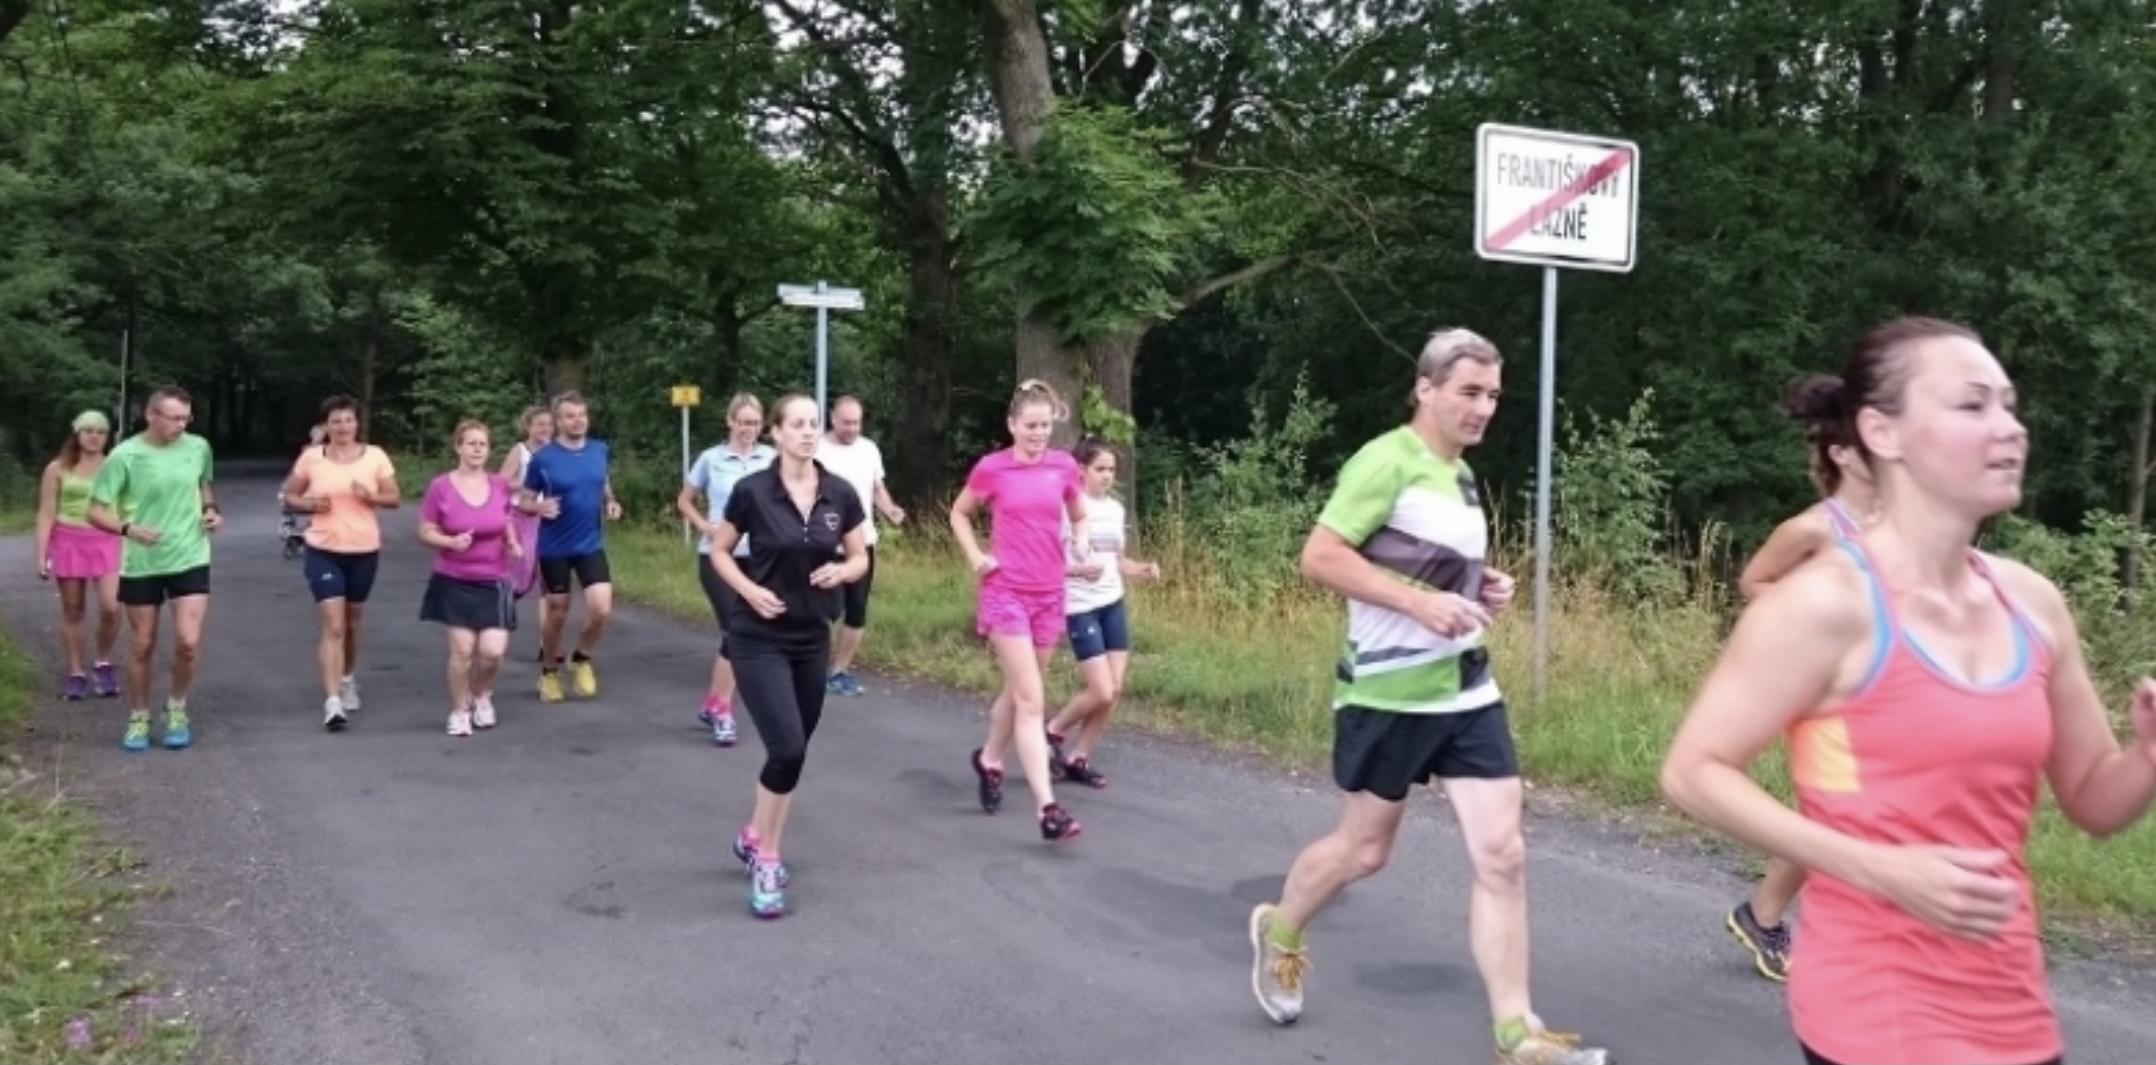 Tempa pro dané výsledné časy na maraton